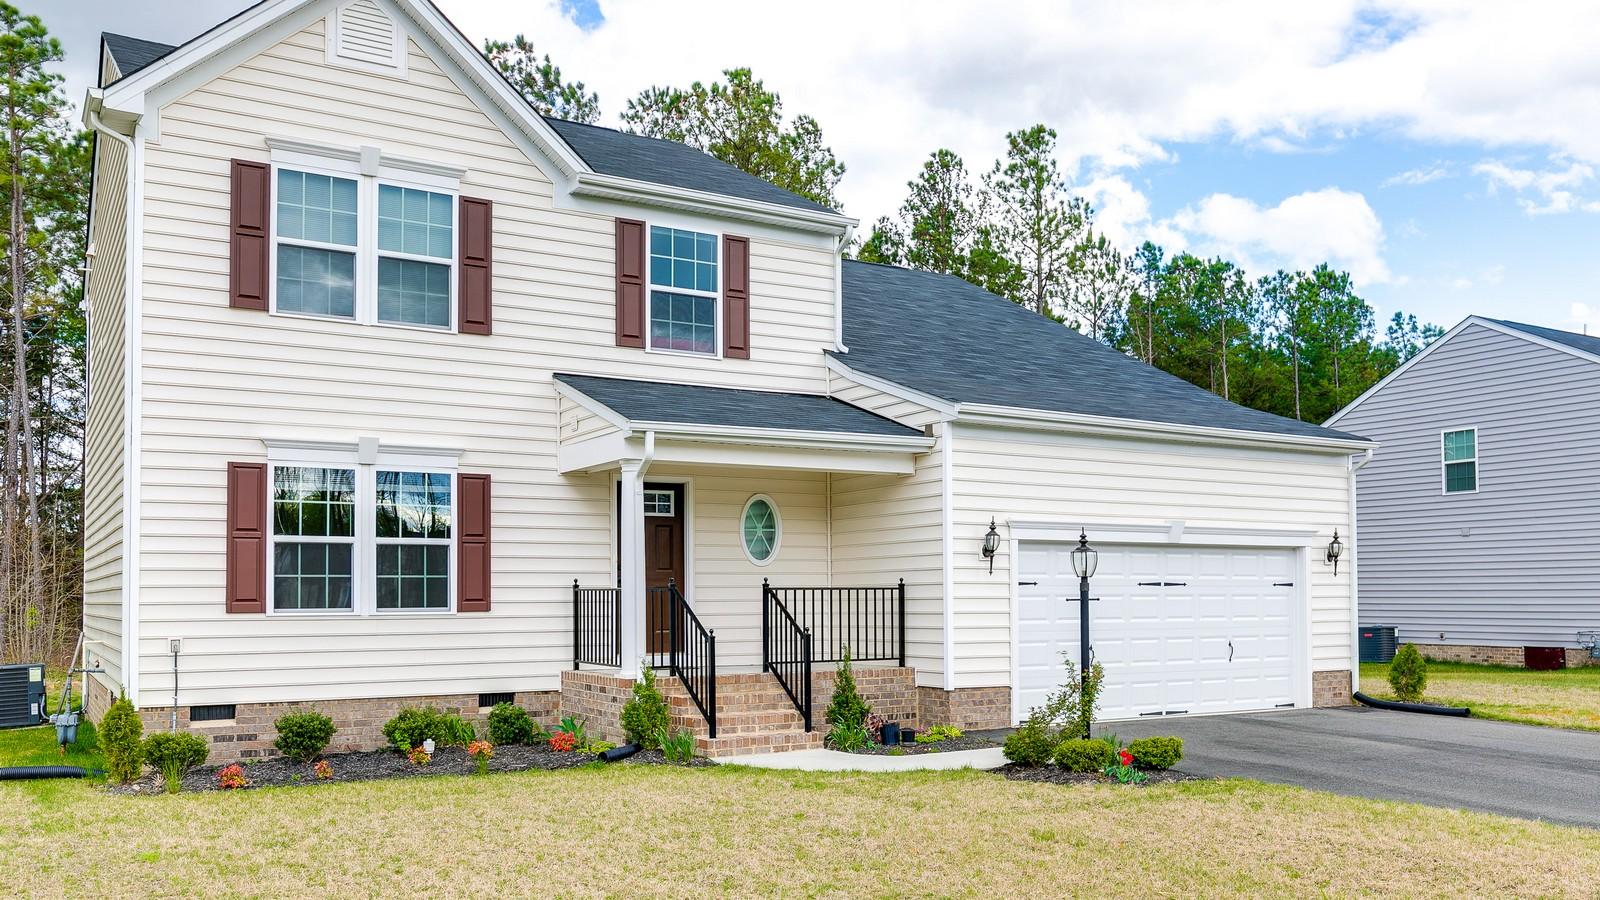 独户住宅 为 销售 在 5428 Mason Manor Drive, Richmond 里士满, 弗吉尼亚州, 23223 美国